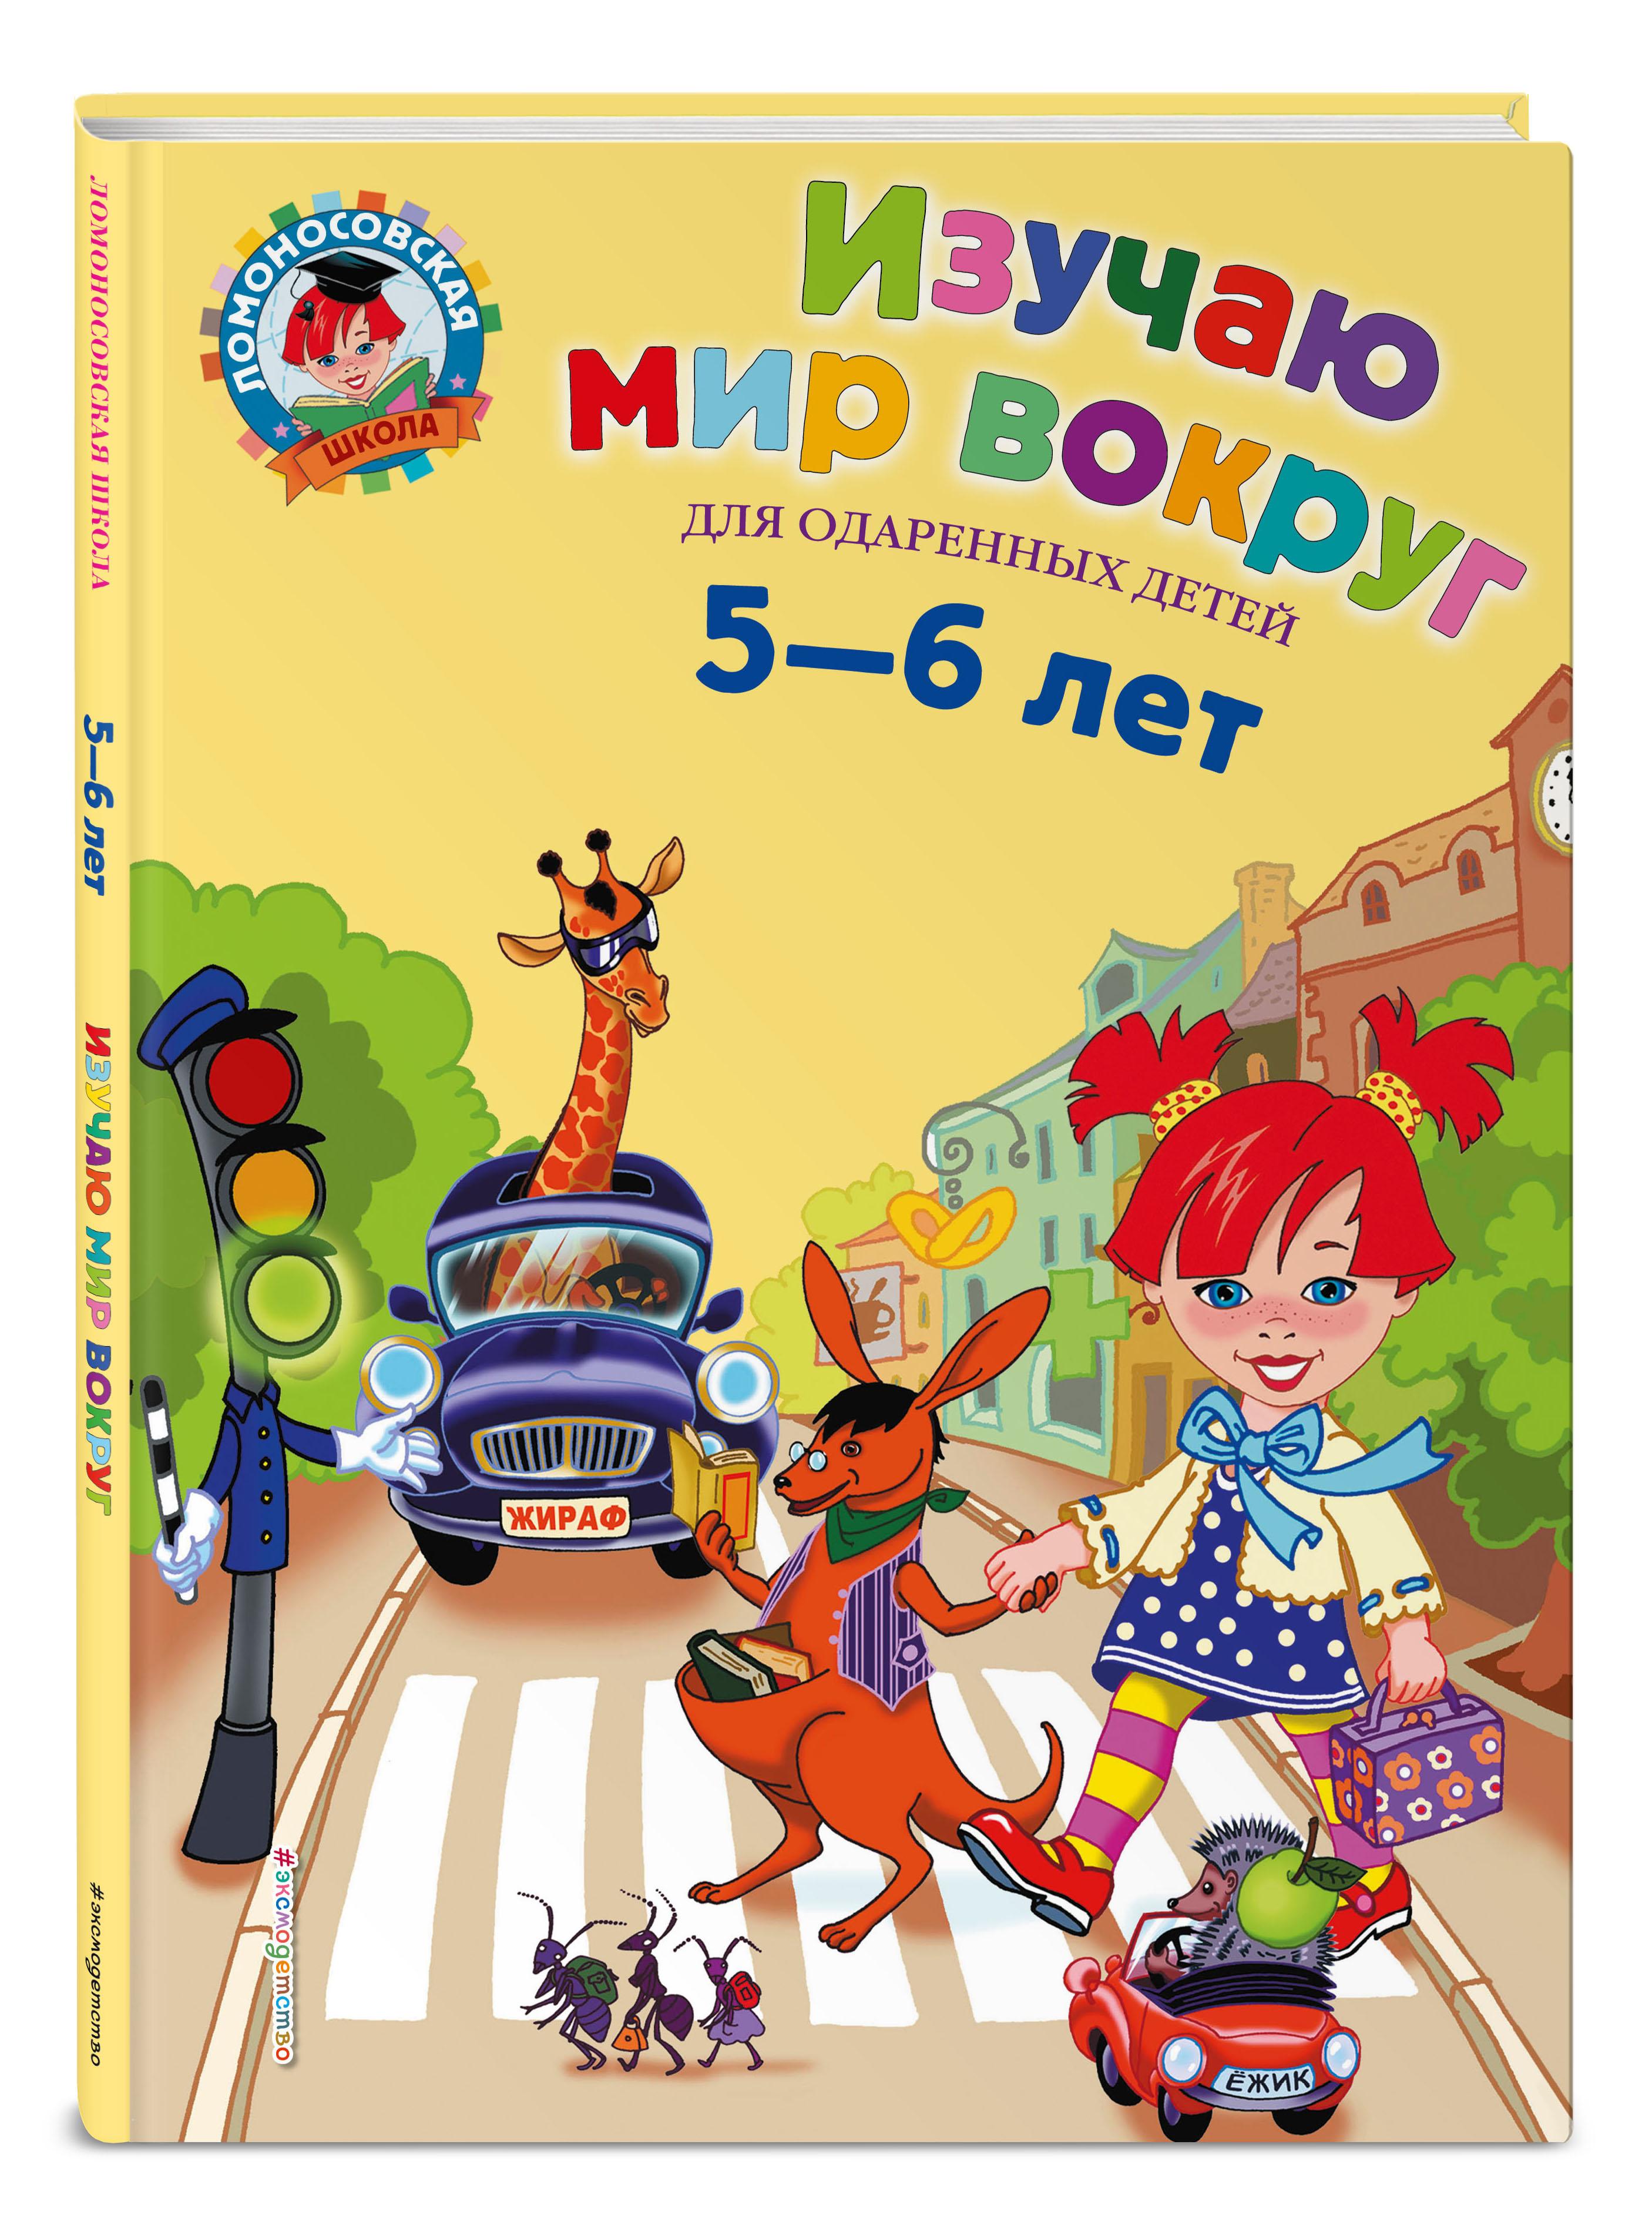 Егупова В.А. Изучаю мир вокруг: для детей 5-6 лет книги эксмо изучаю мир вокруг для детей 6 7 лет page 9